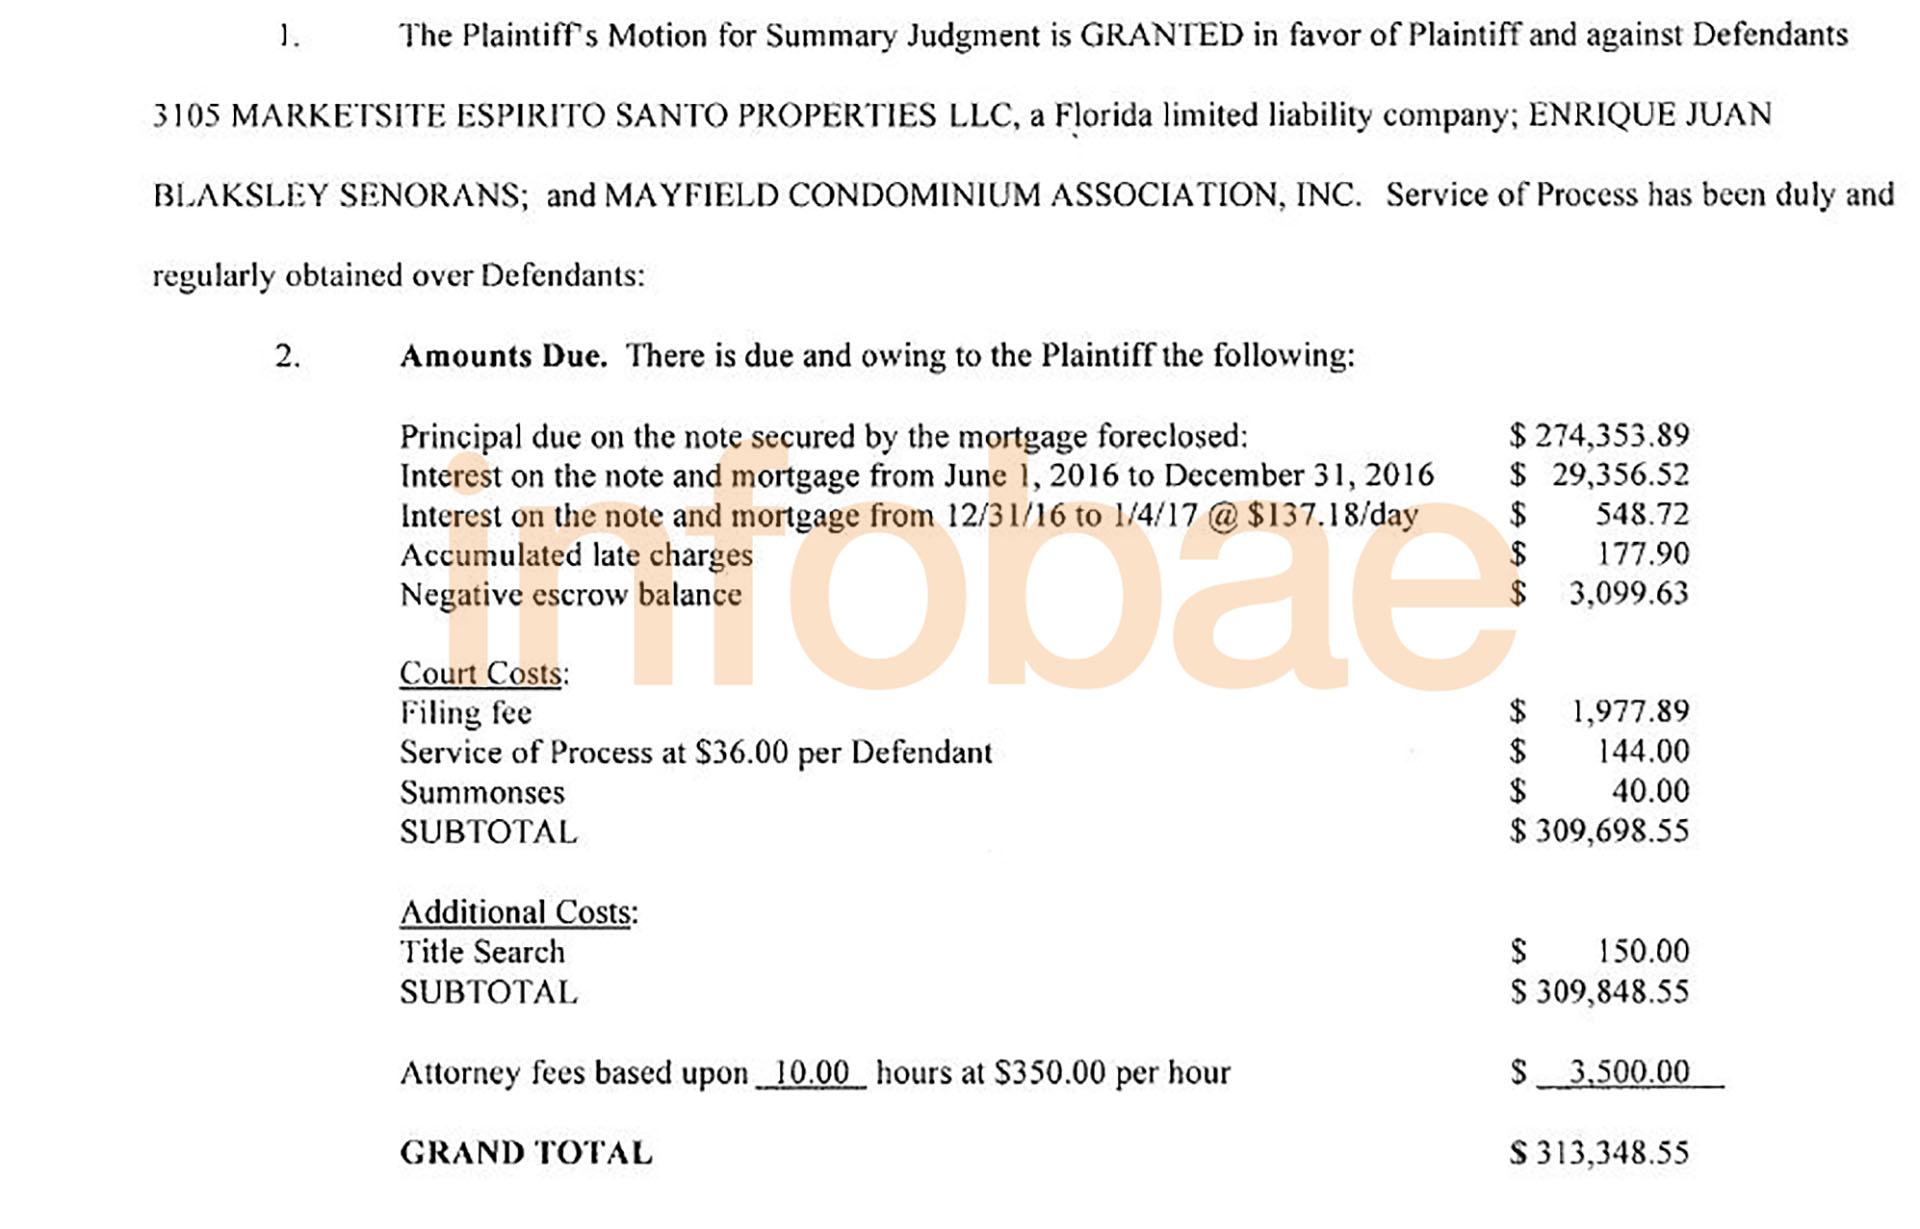 Monto otorgado al Biscayne Bank por la Circuit Court de cara al remate judicial de un departamento.